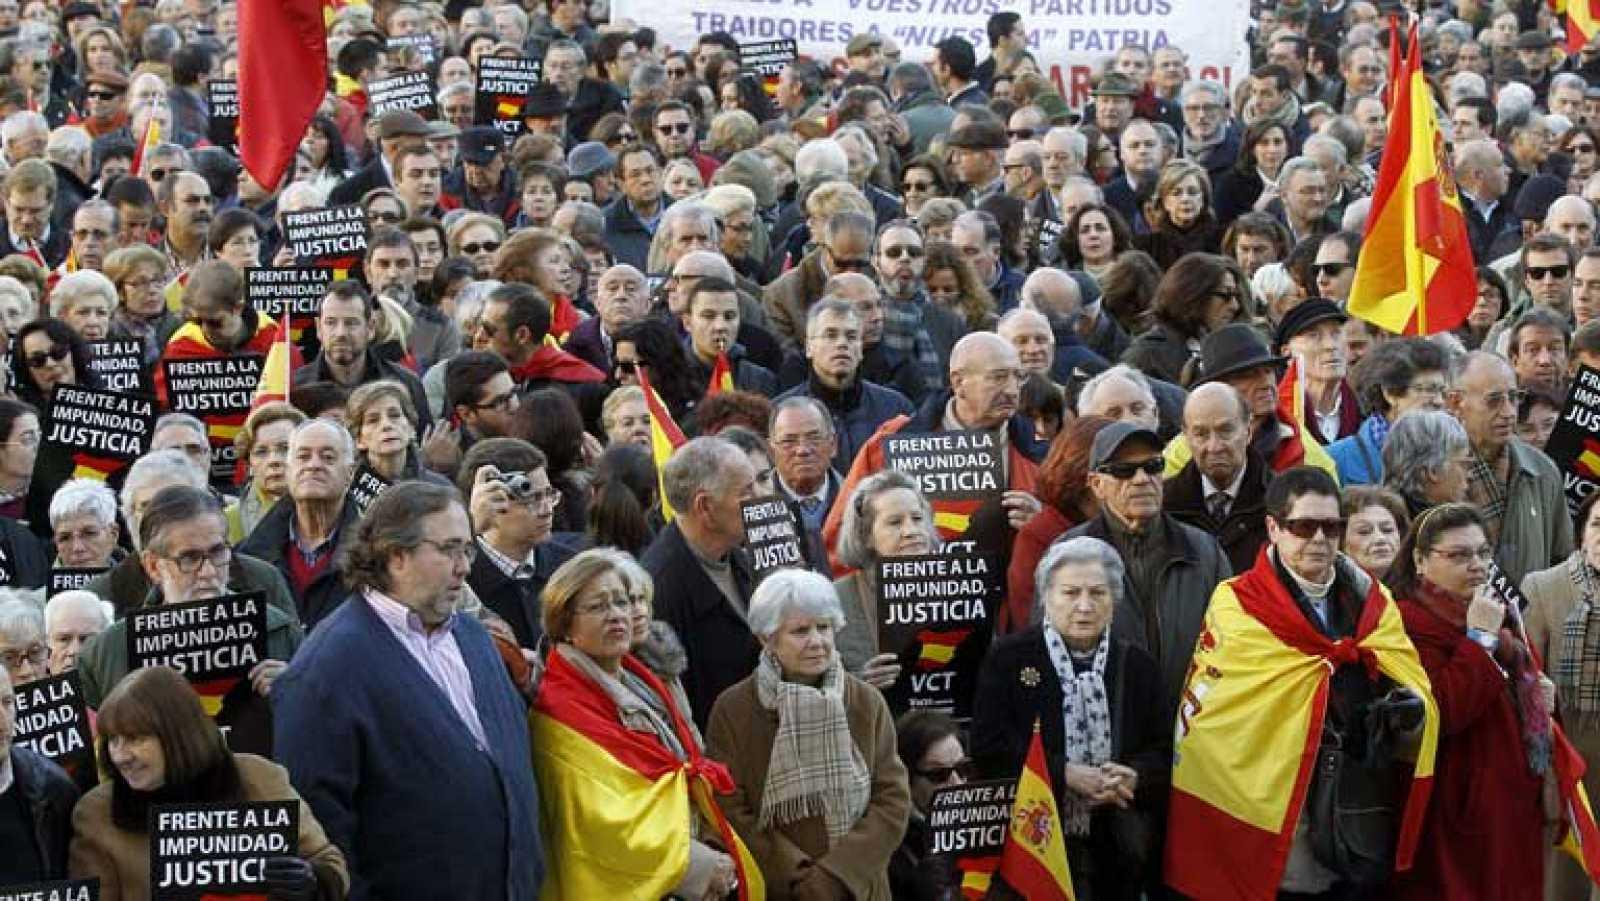 Cientos de personas se concentran en Madrid para protestar por la aplicación de la sentencia de Estrasburgo sobre la doctrina Parot